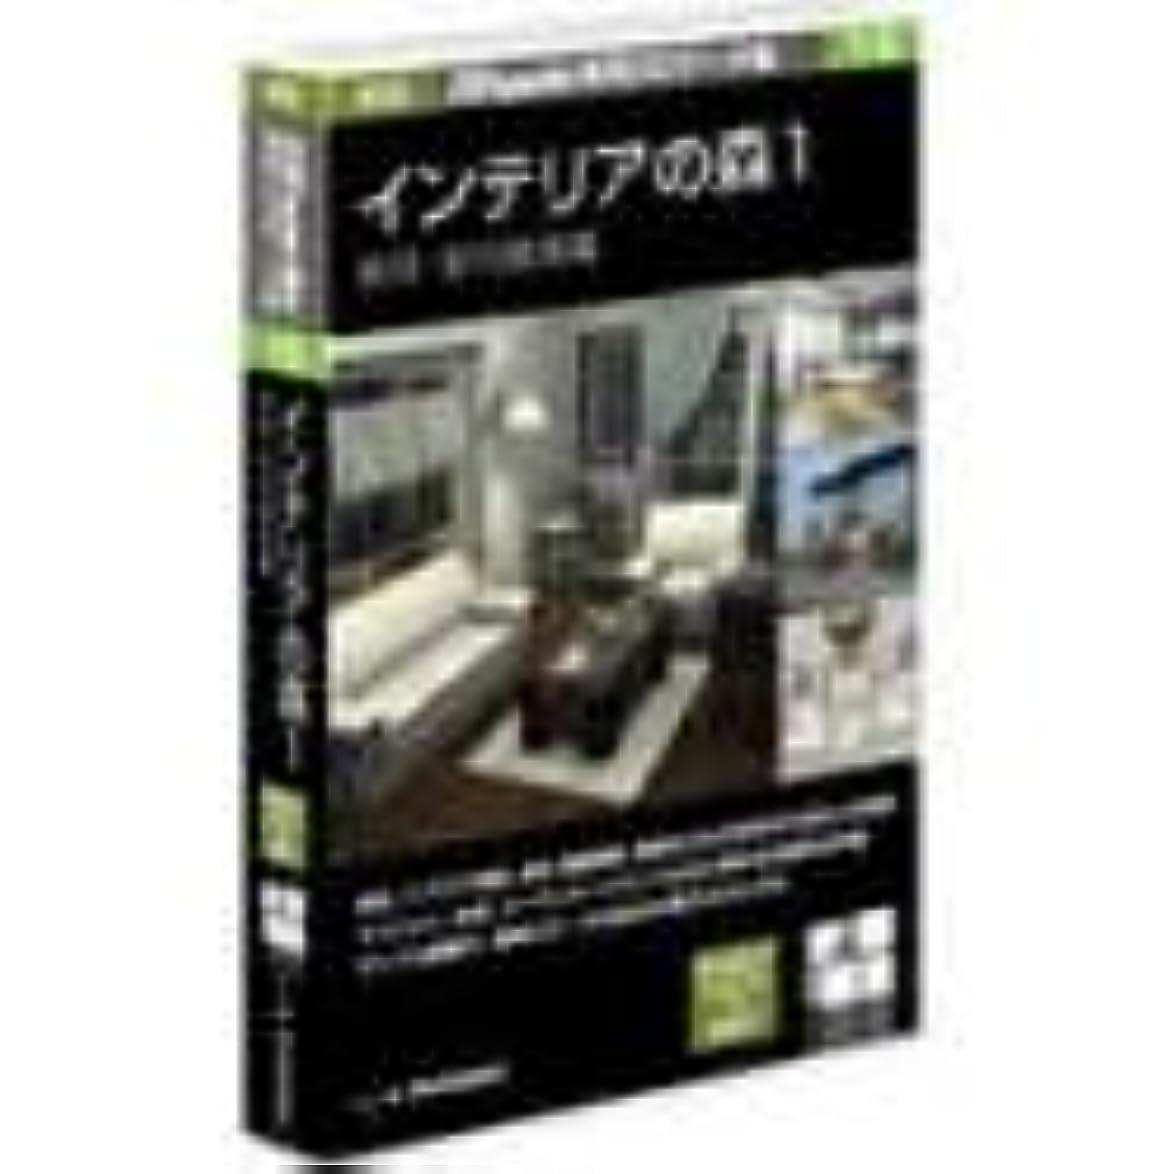 裸シャワードア新版 Shade実用3Dデータ集 15 インテリアの森 1 家具、室内雑貨編